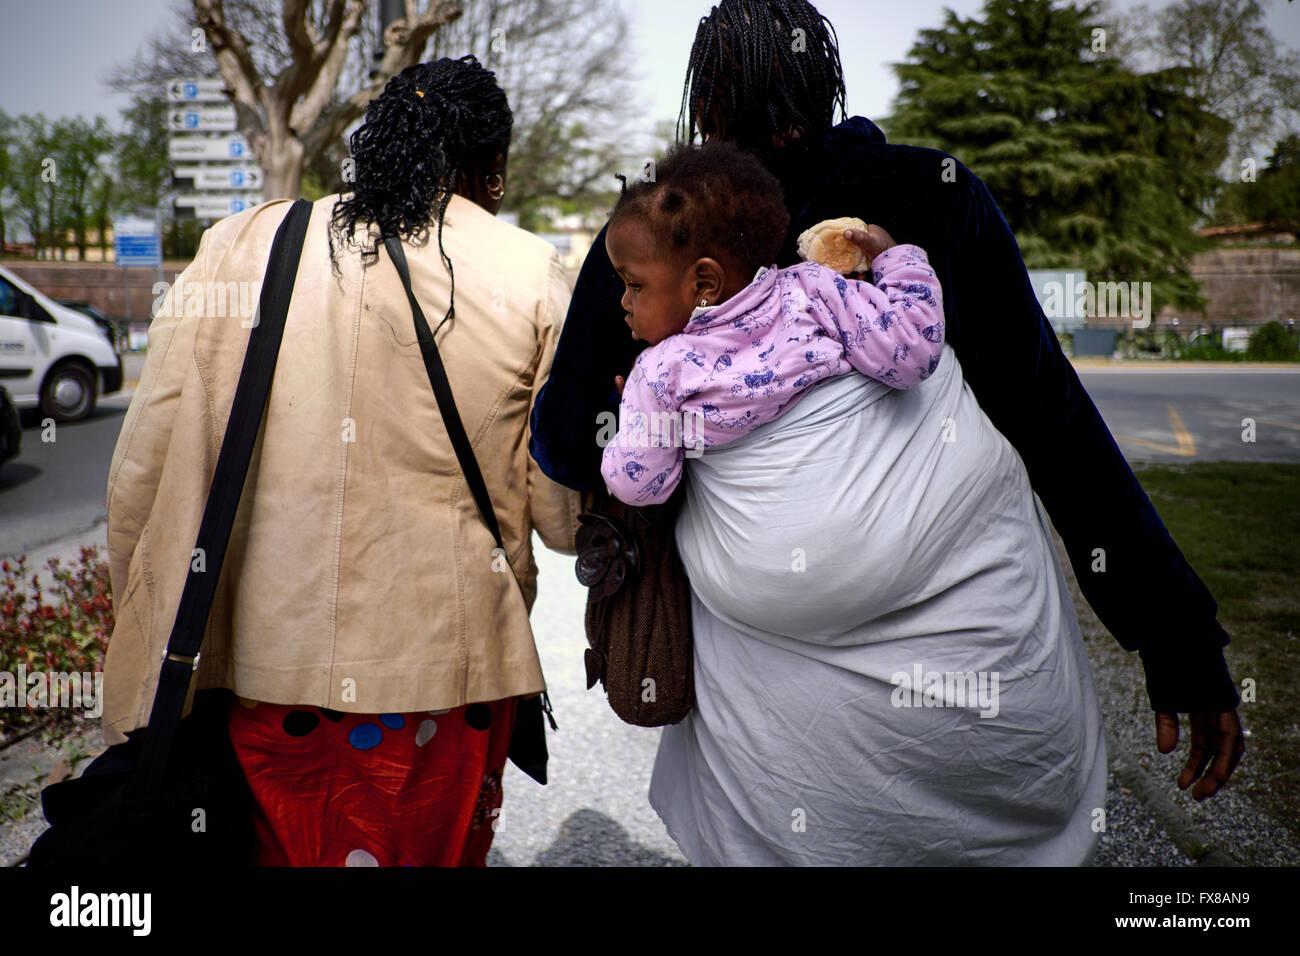 Dos mujeres negras andando desde la cámara, uno de ellos con un niño sobre su espalda en una hoja. Imagen De Stock